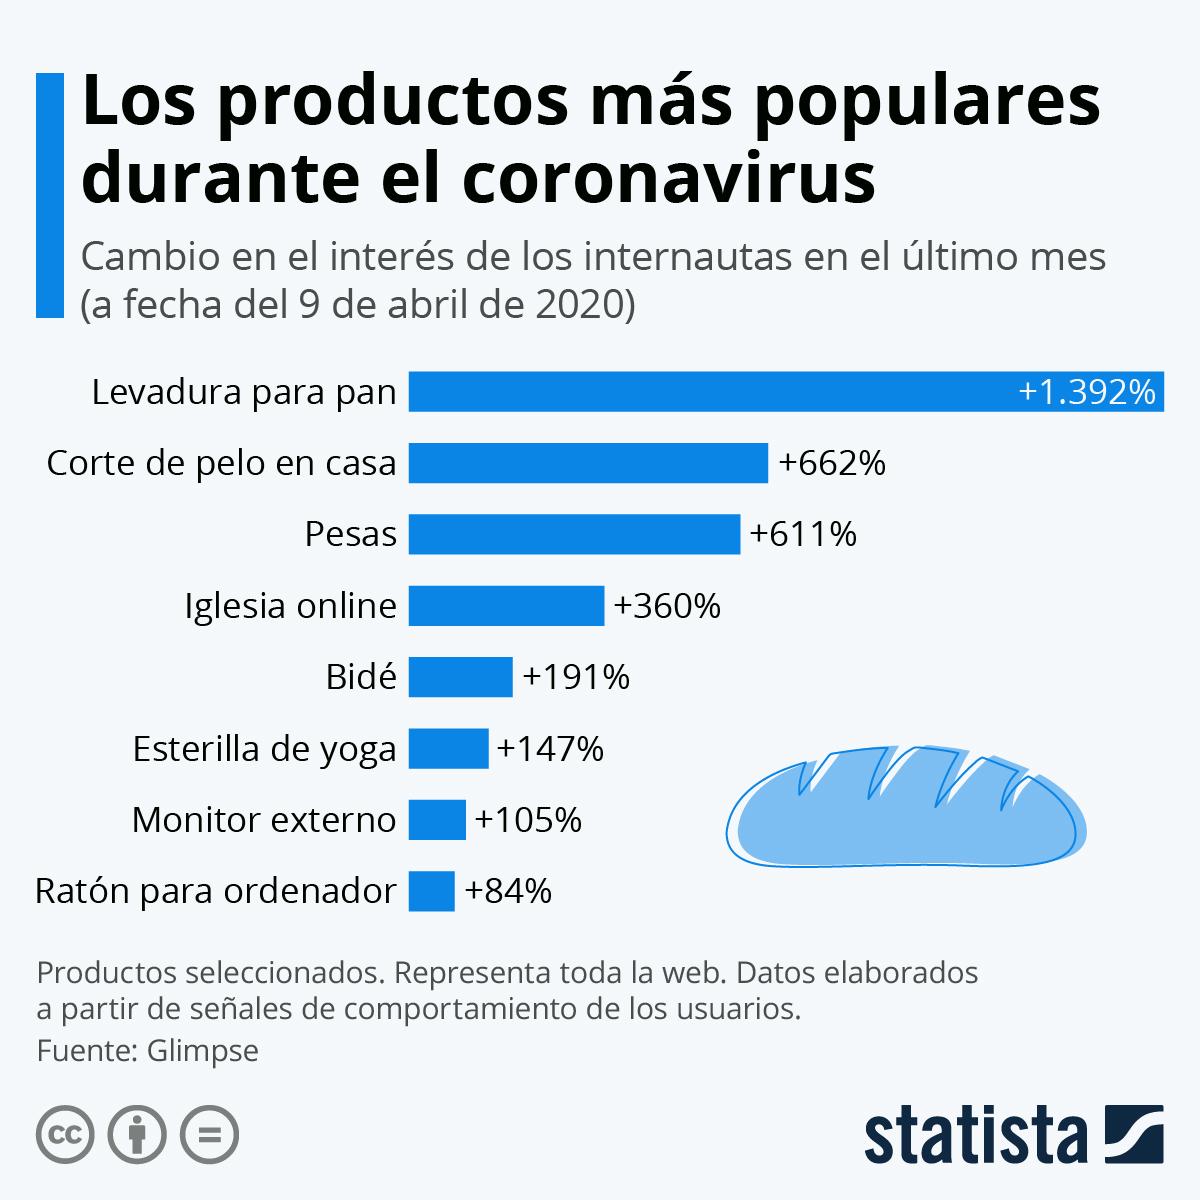 Infografía: Los productos más populares durante el coronavirus | Statista